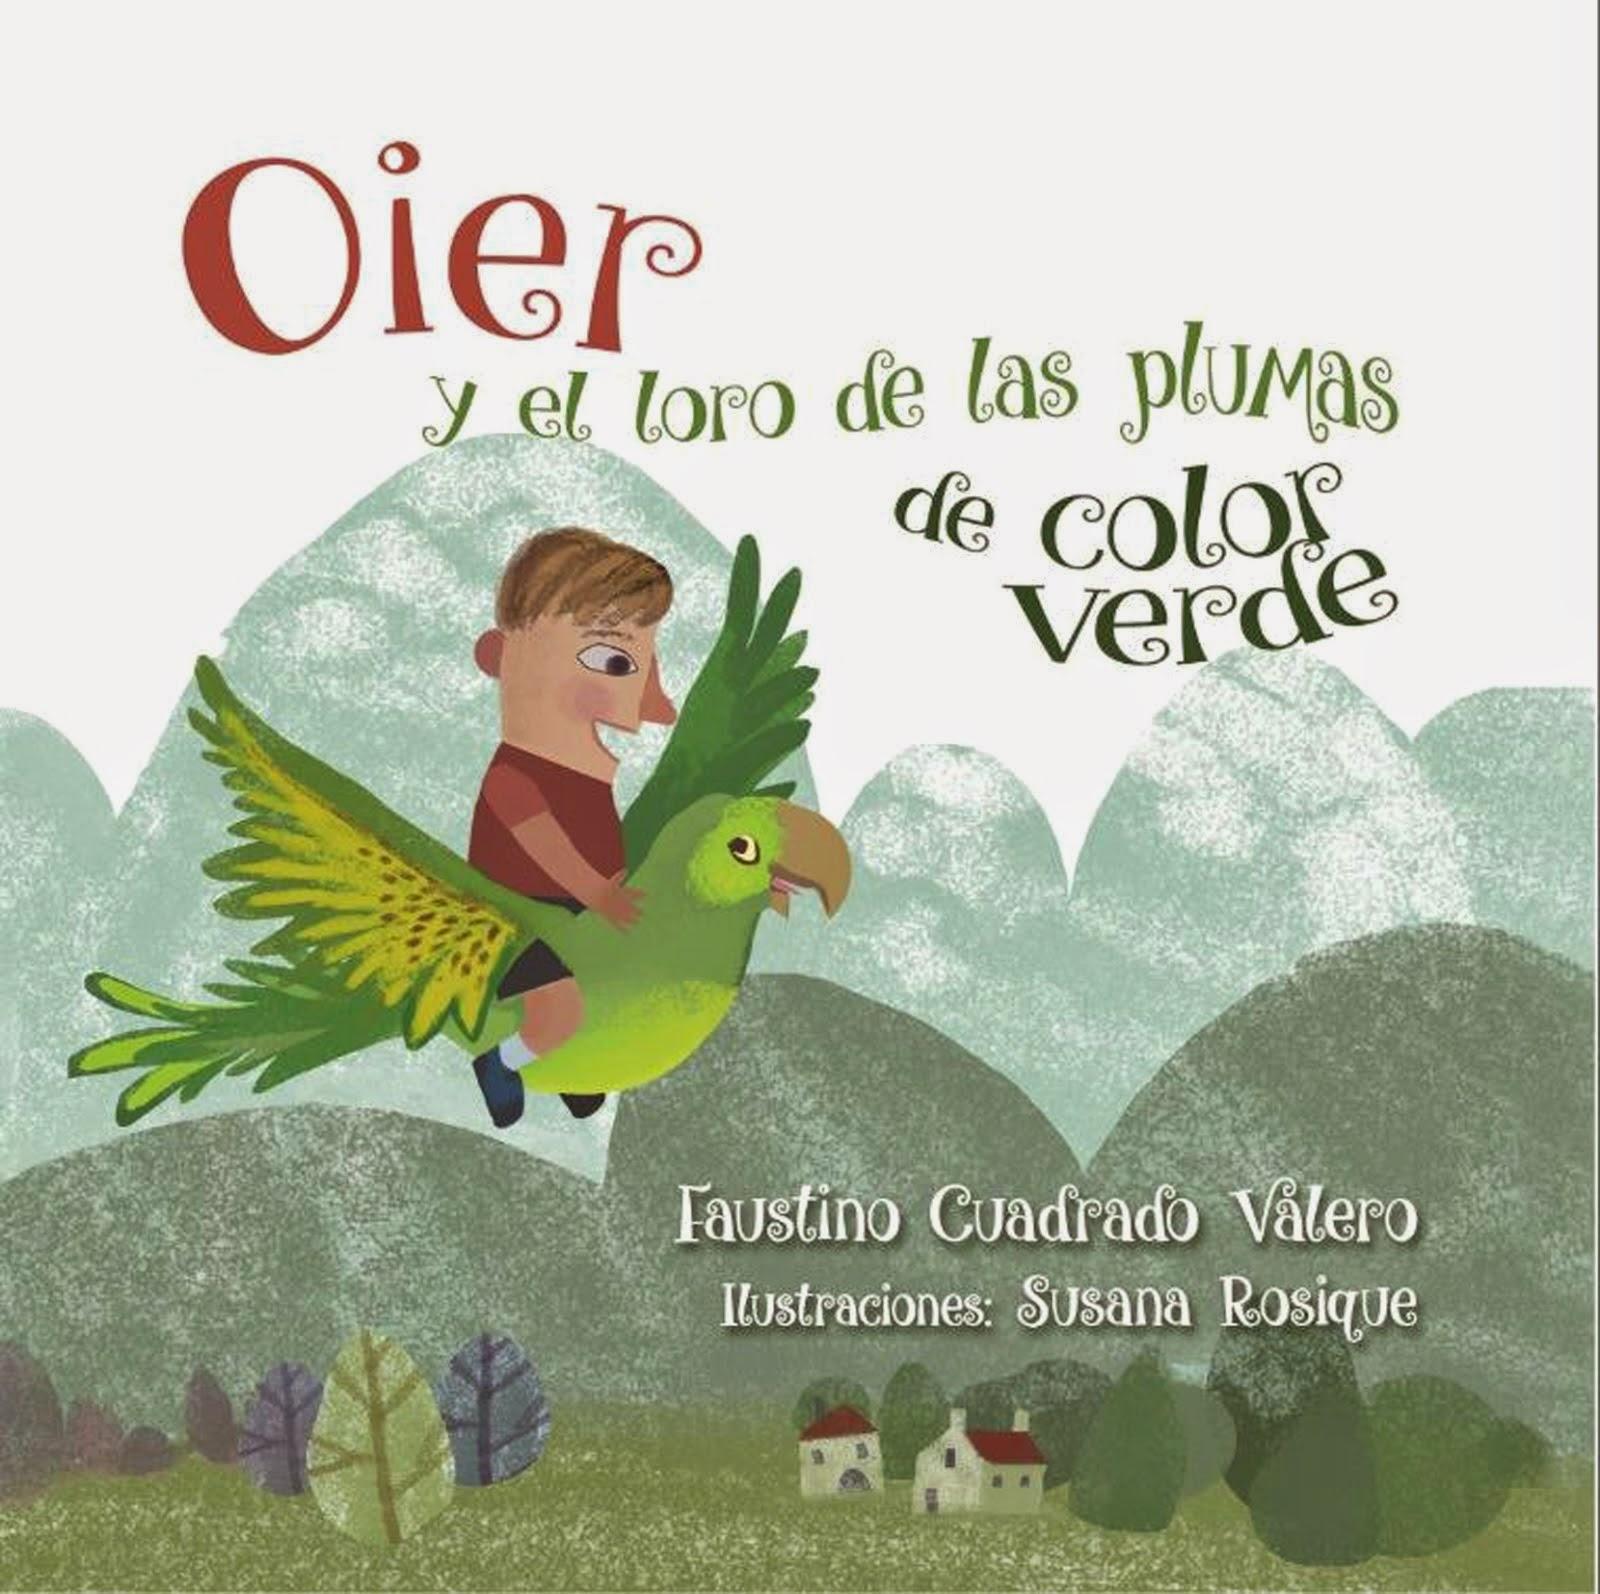 Oier y el loro de las plumas de color verde